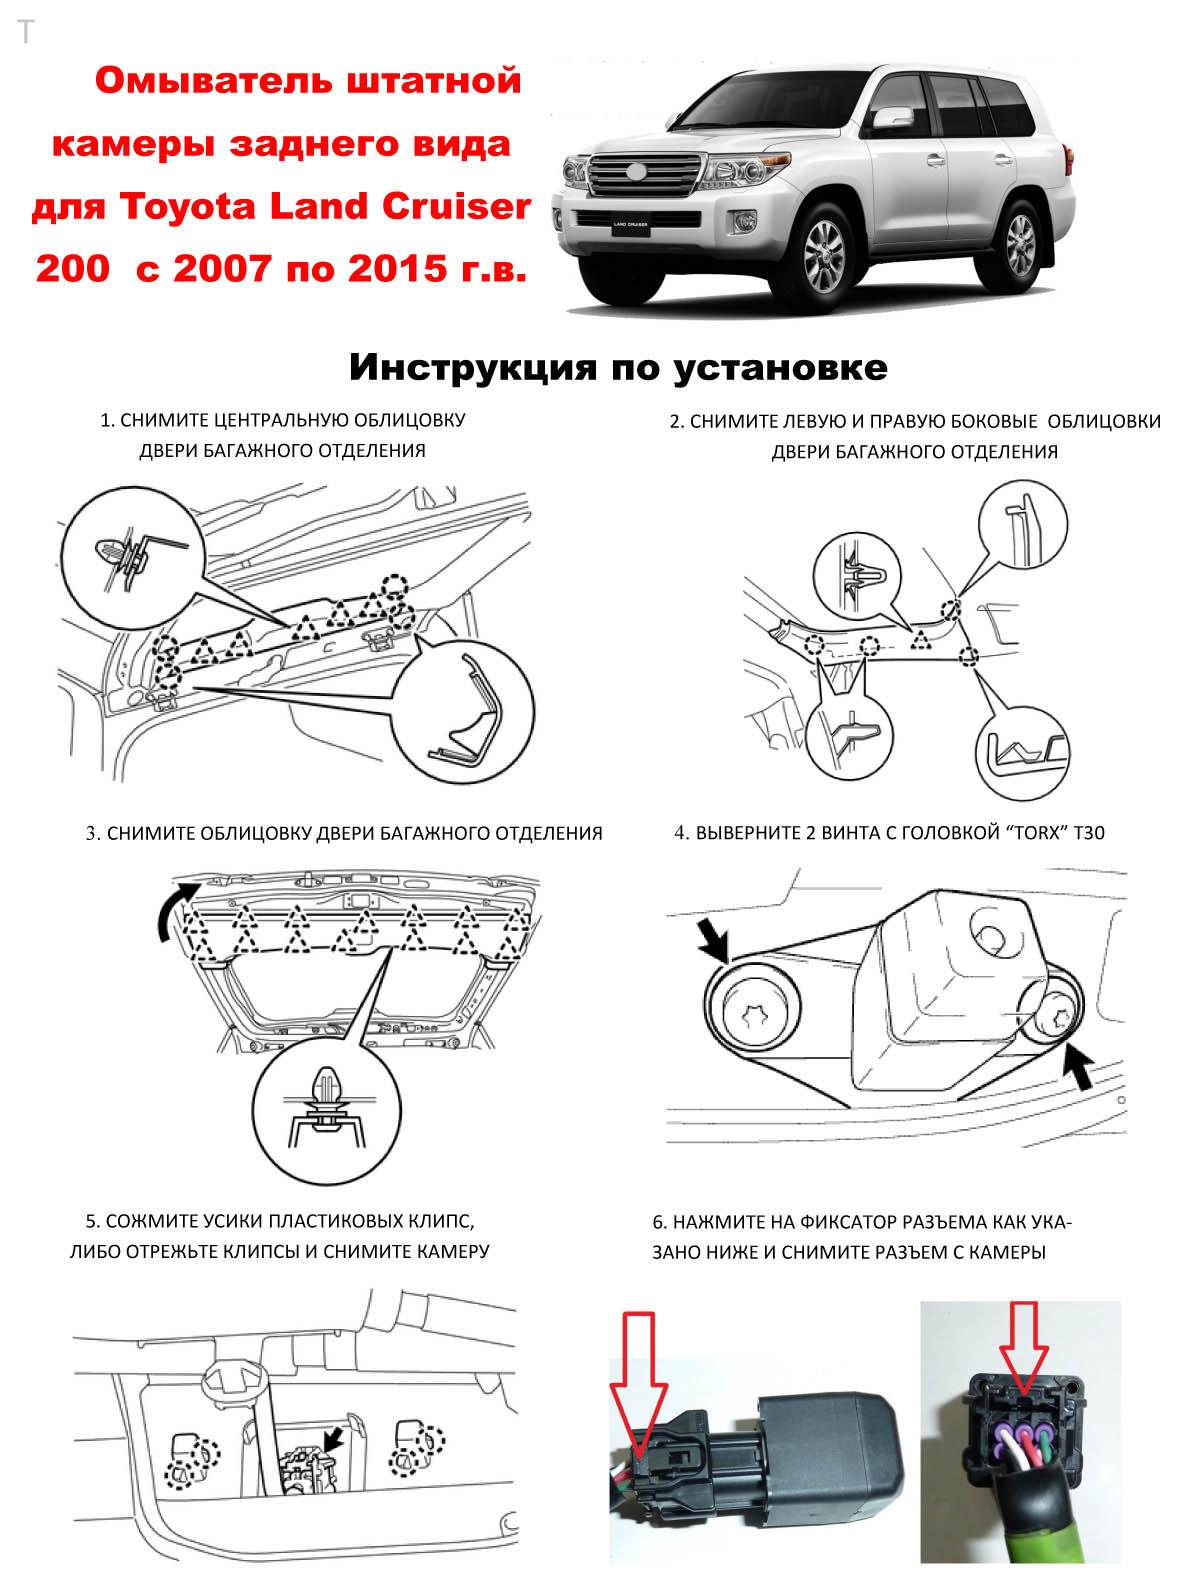 Инструкция по установке омывателя камеры заднего вида Toyota Land Cruiser 200